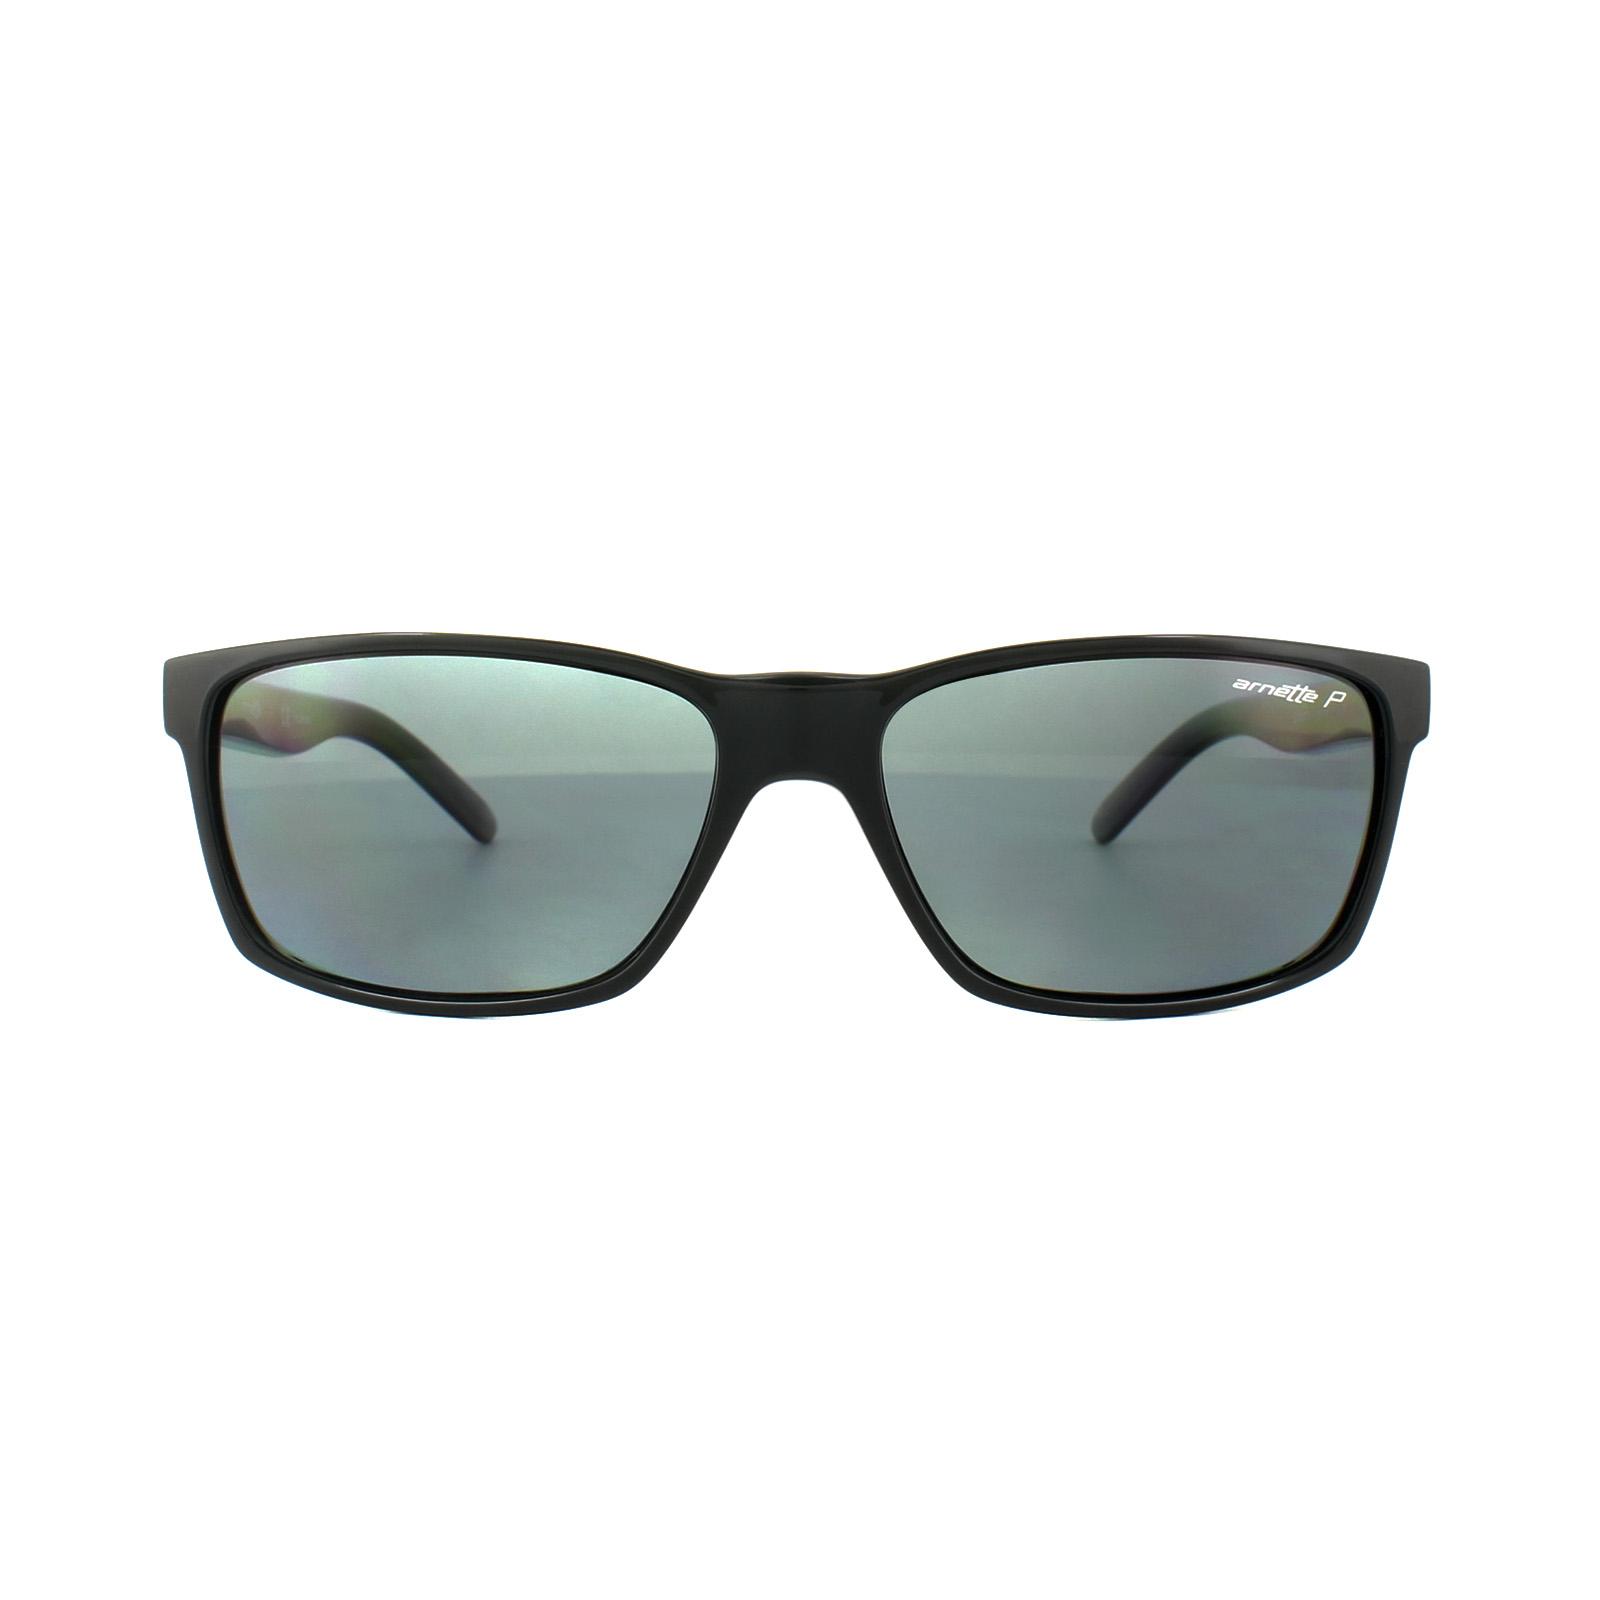 067e4c9fb13 Sentinel Arnette Sunglasses Slickster 4185 41 81 Black Grey Polarized